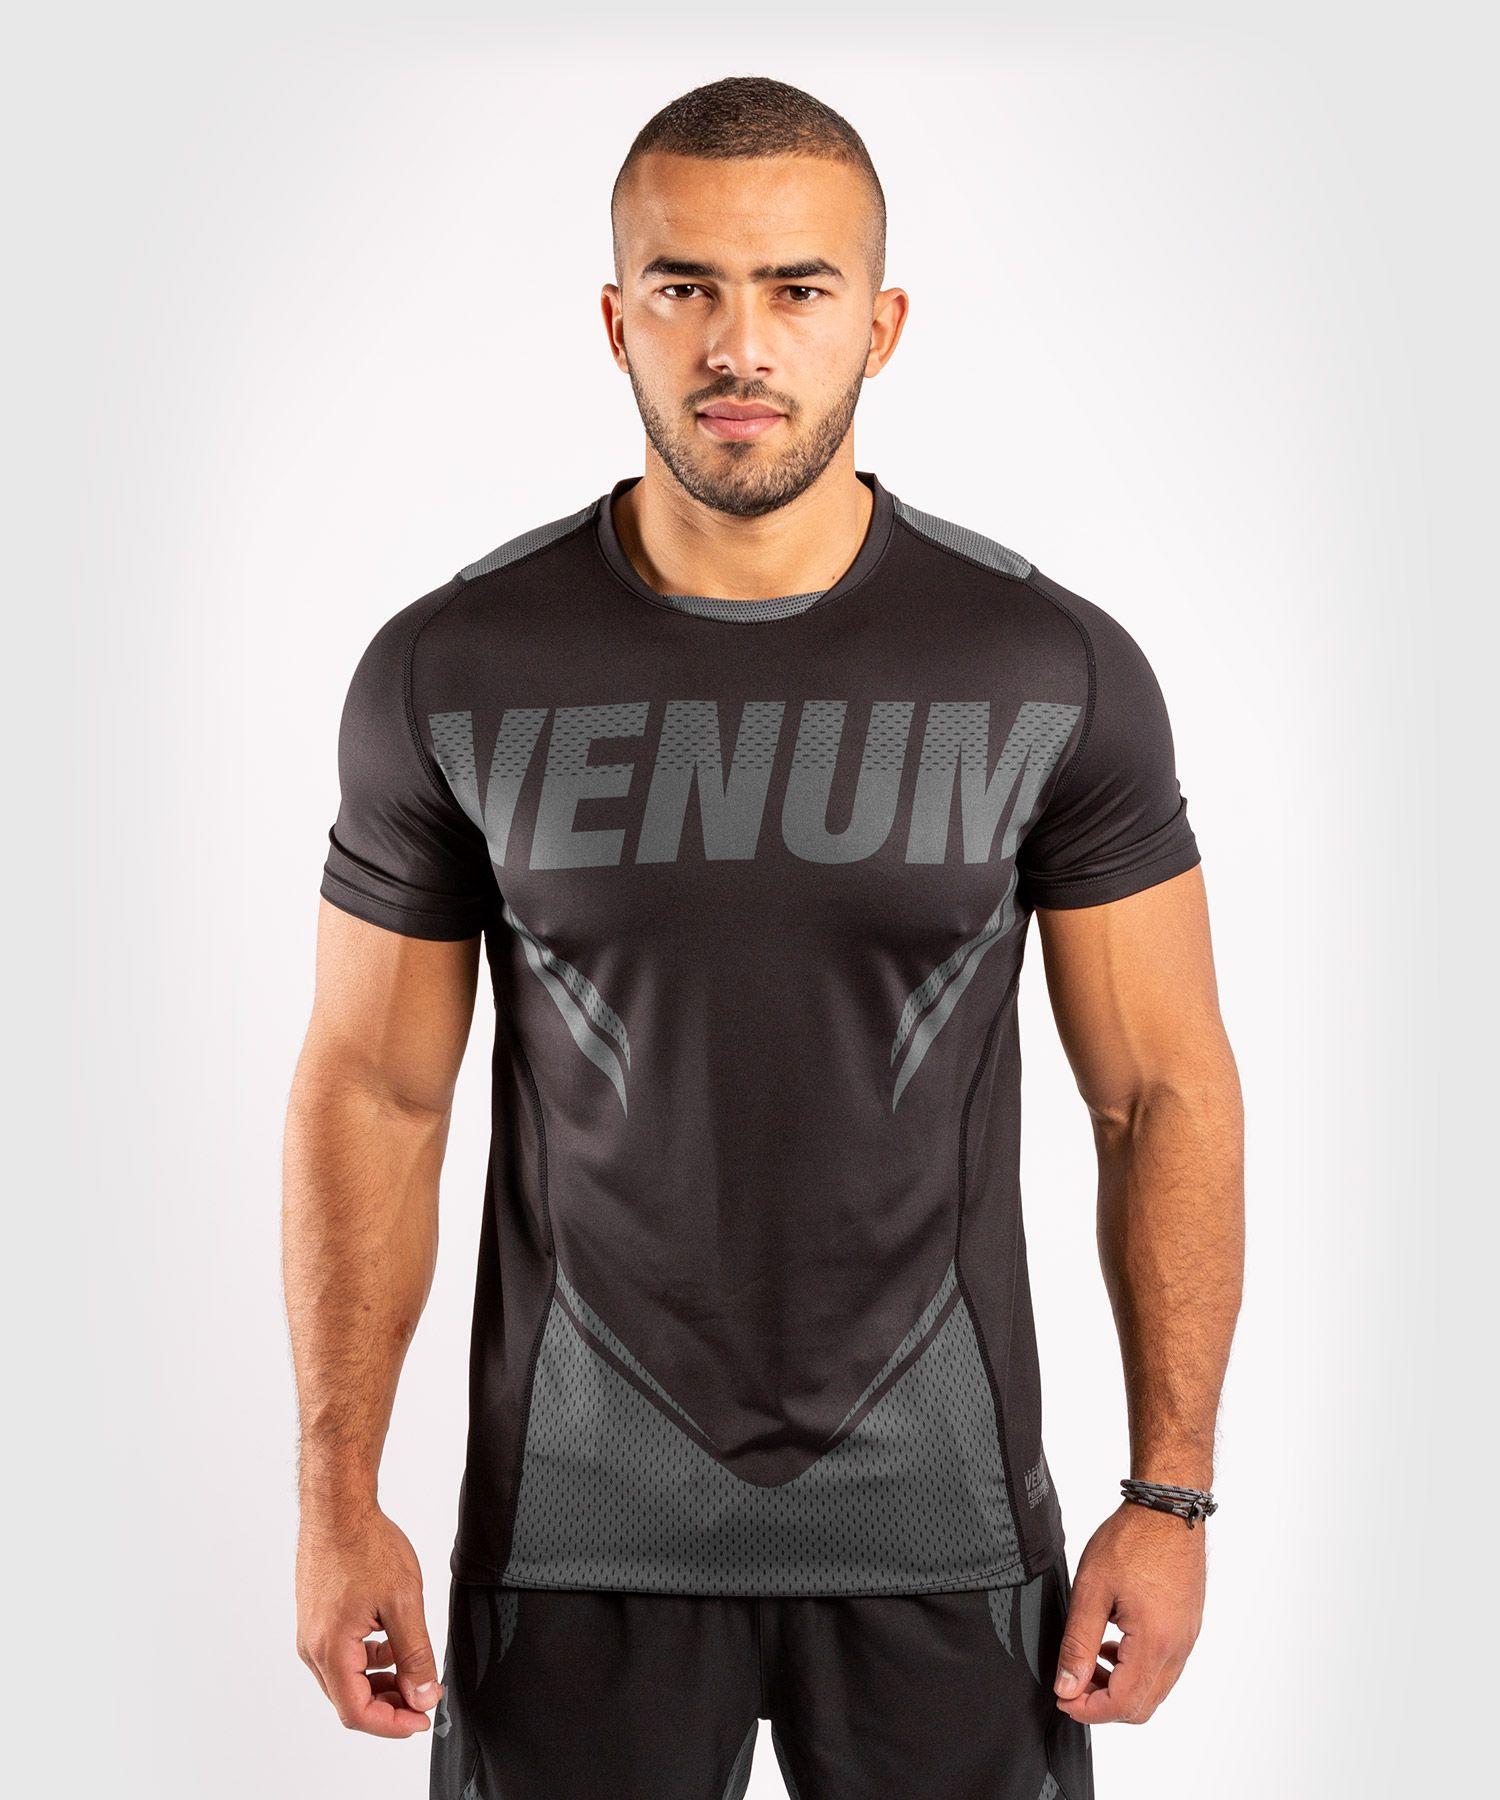 베넘 ONE FC 임팩트 드라이 테크 티셔츠 - 블랙/블랙